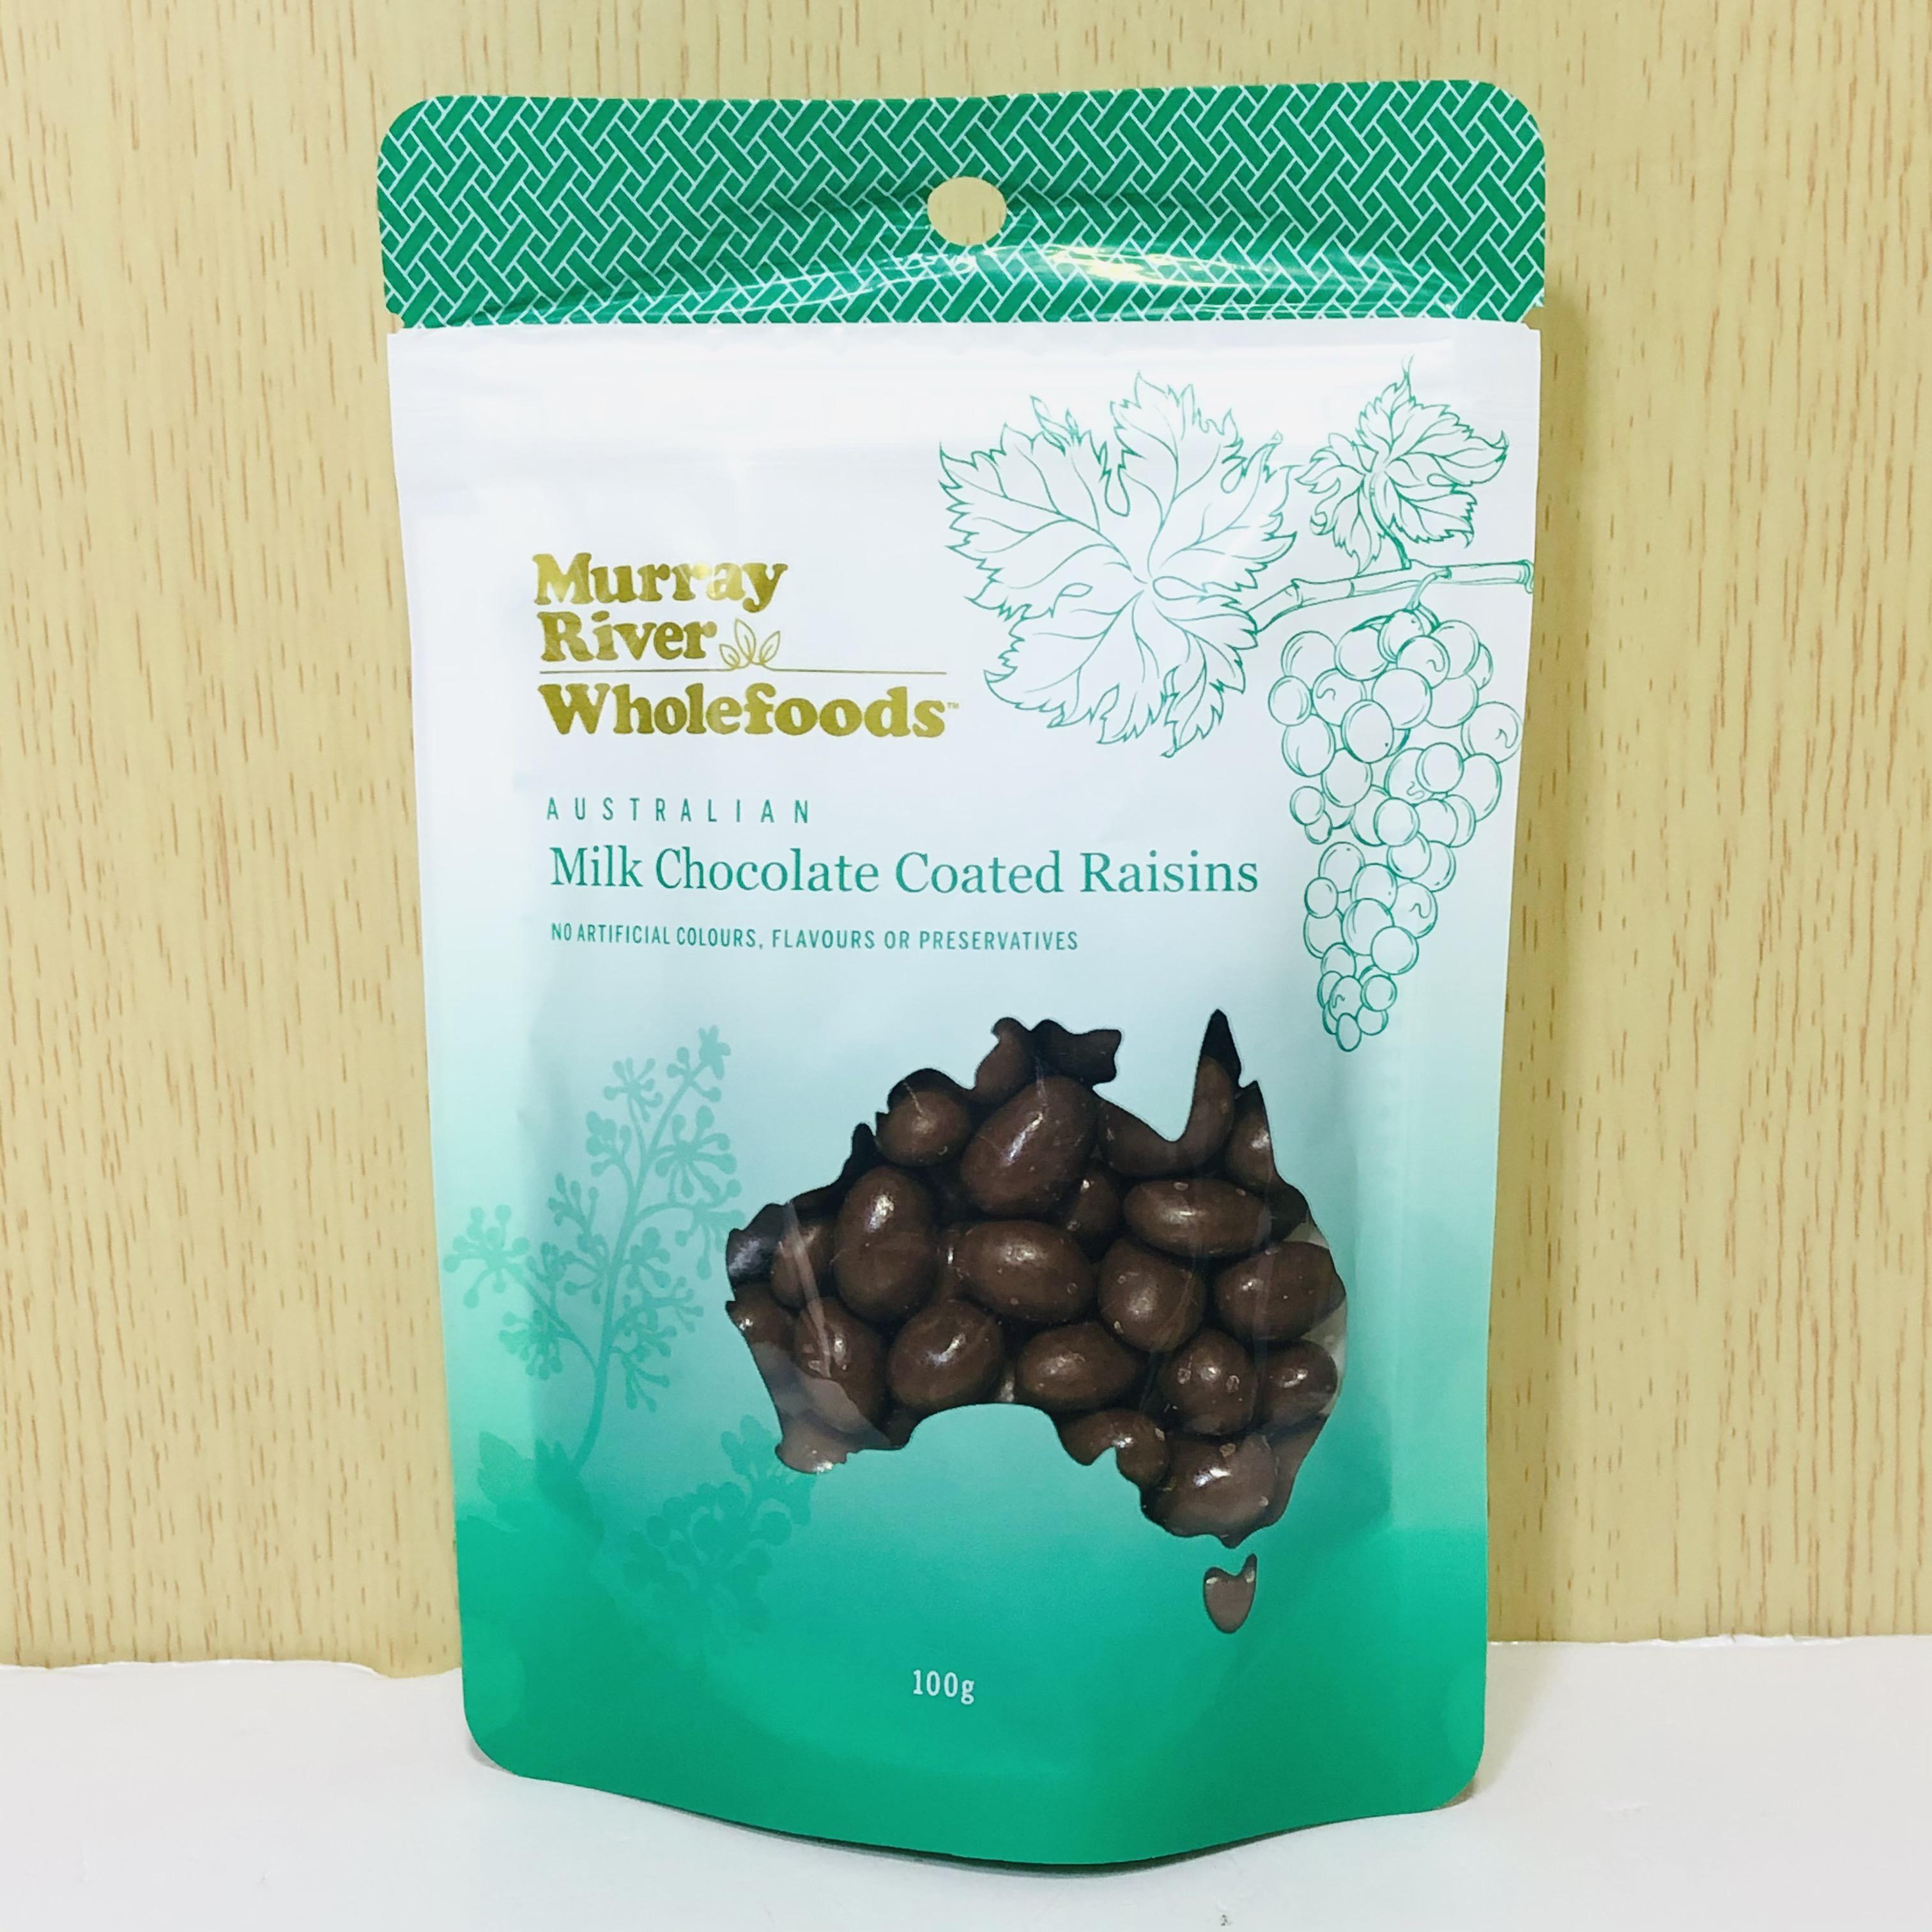 澳大利亚进口玛汭河葡萄干牛奶巧克力100克 假期休闲零食 临期价